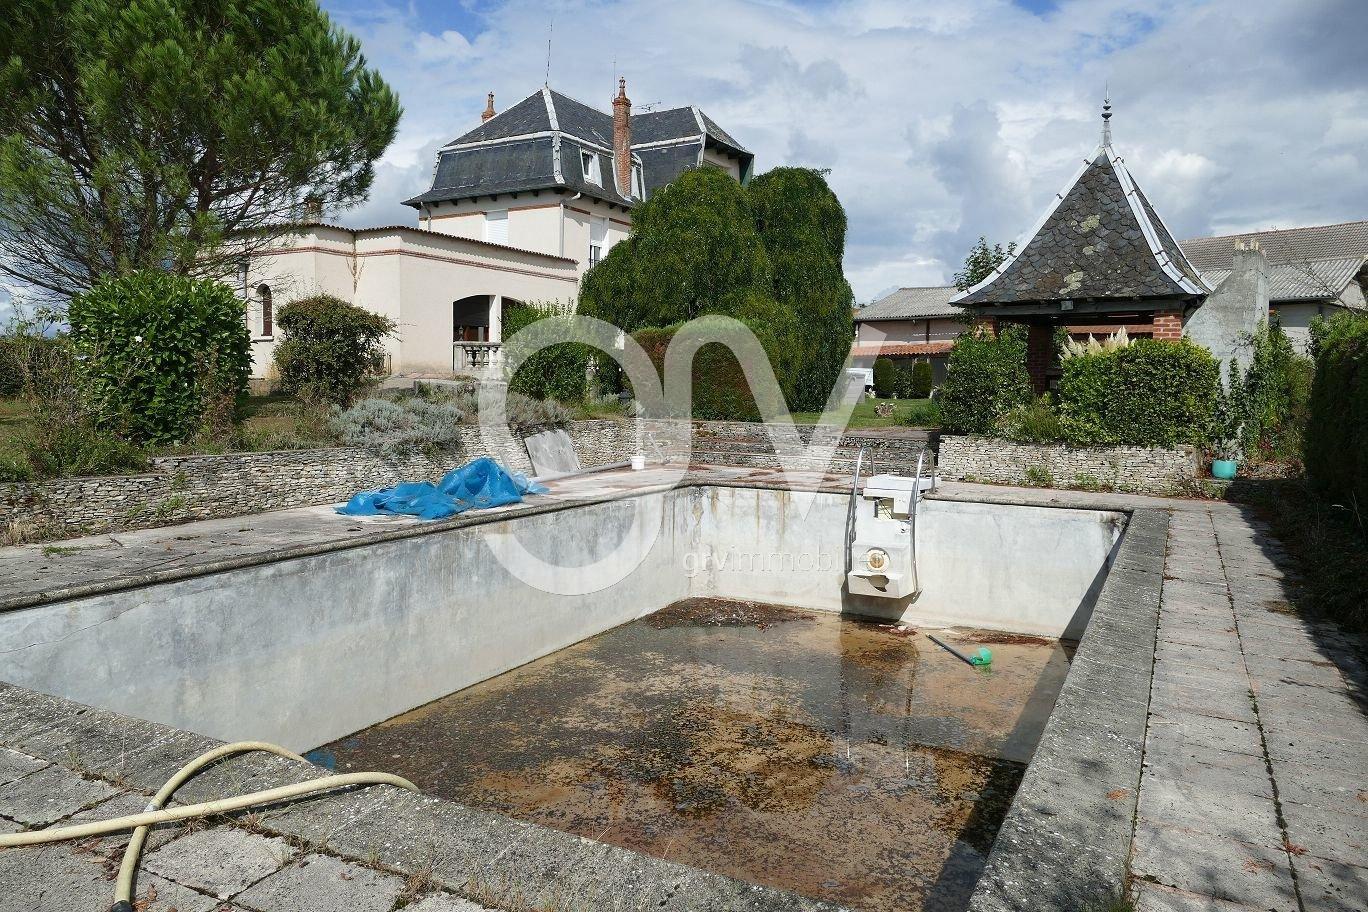 Hôtel particulier avec vue panoramique, parc, piscine, spa, puits, dépendances